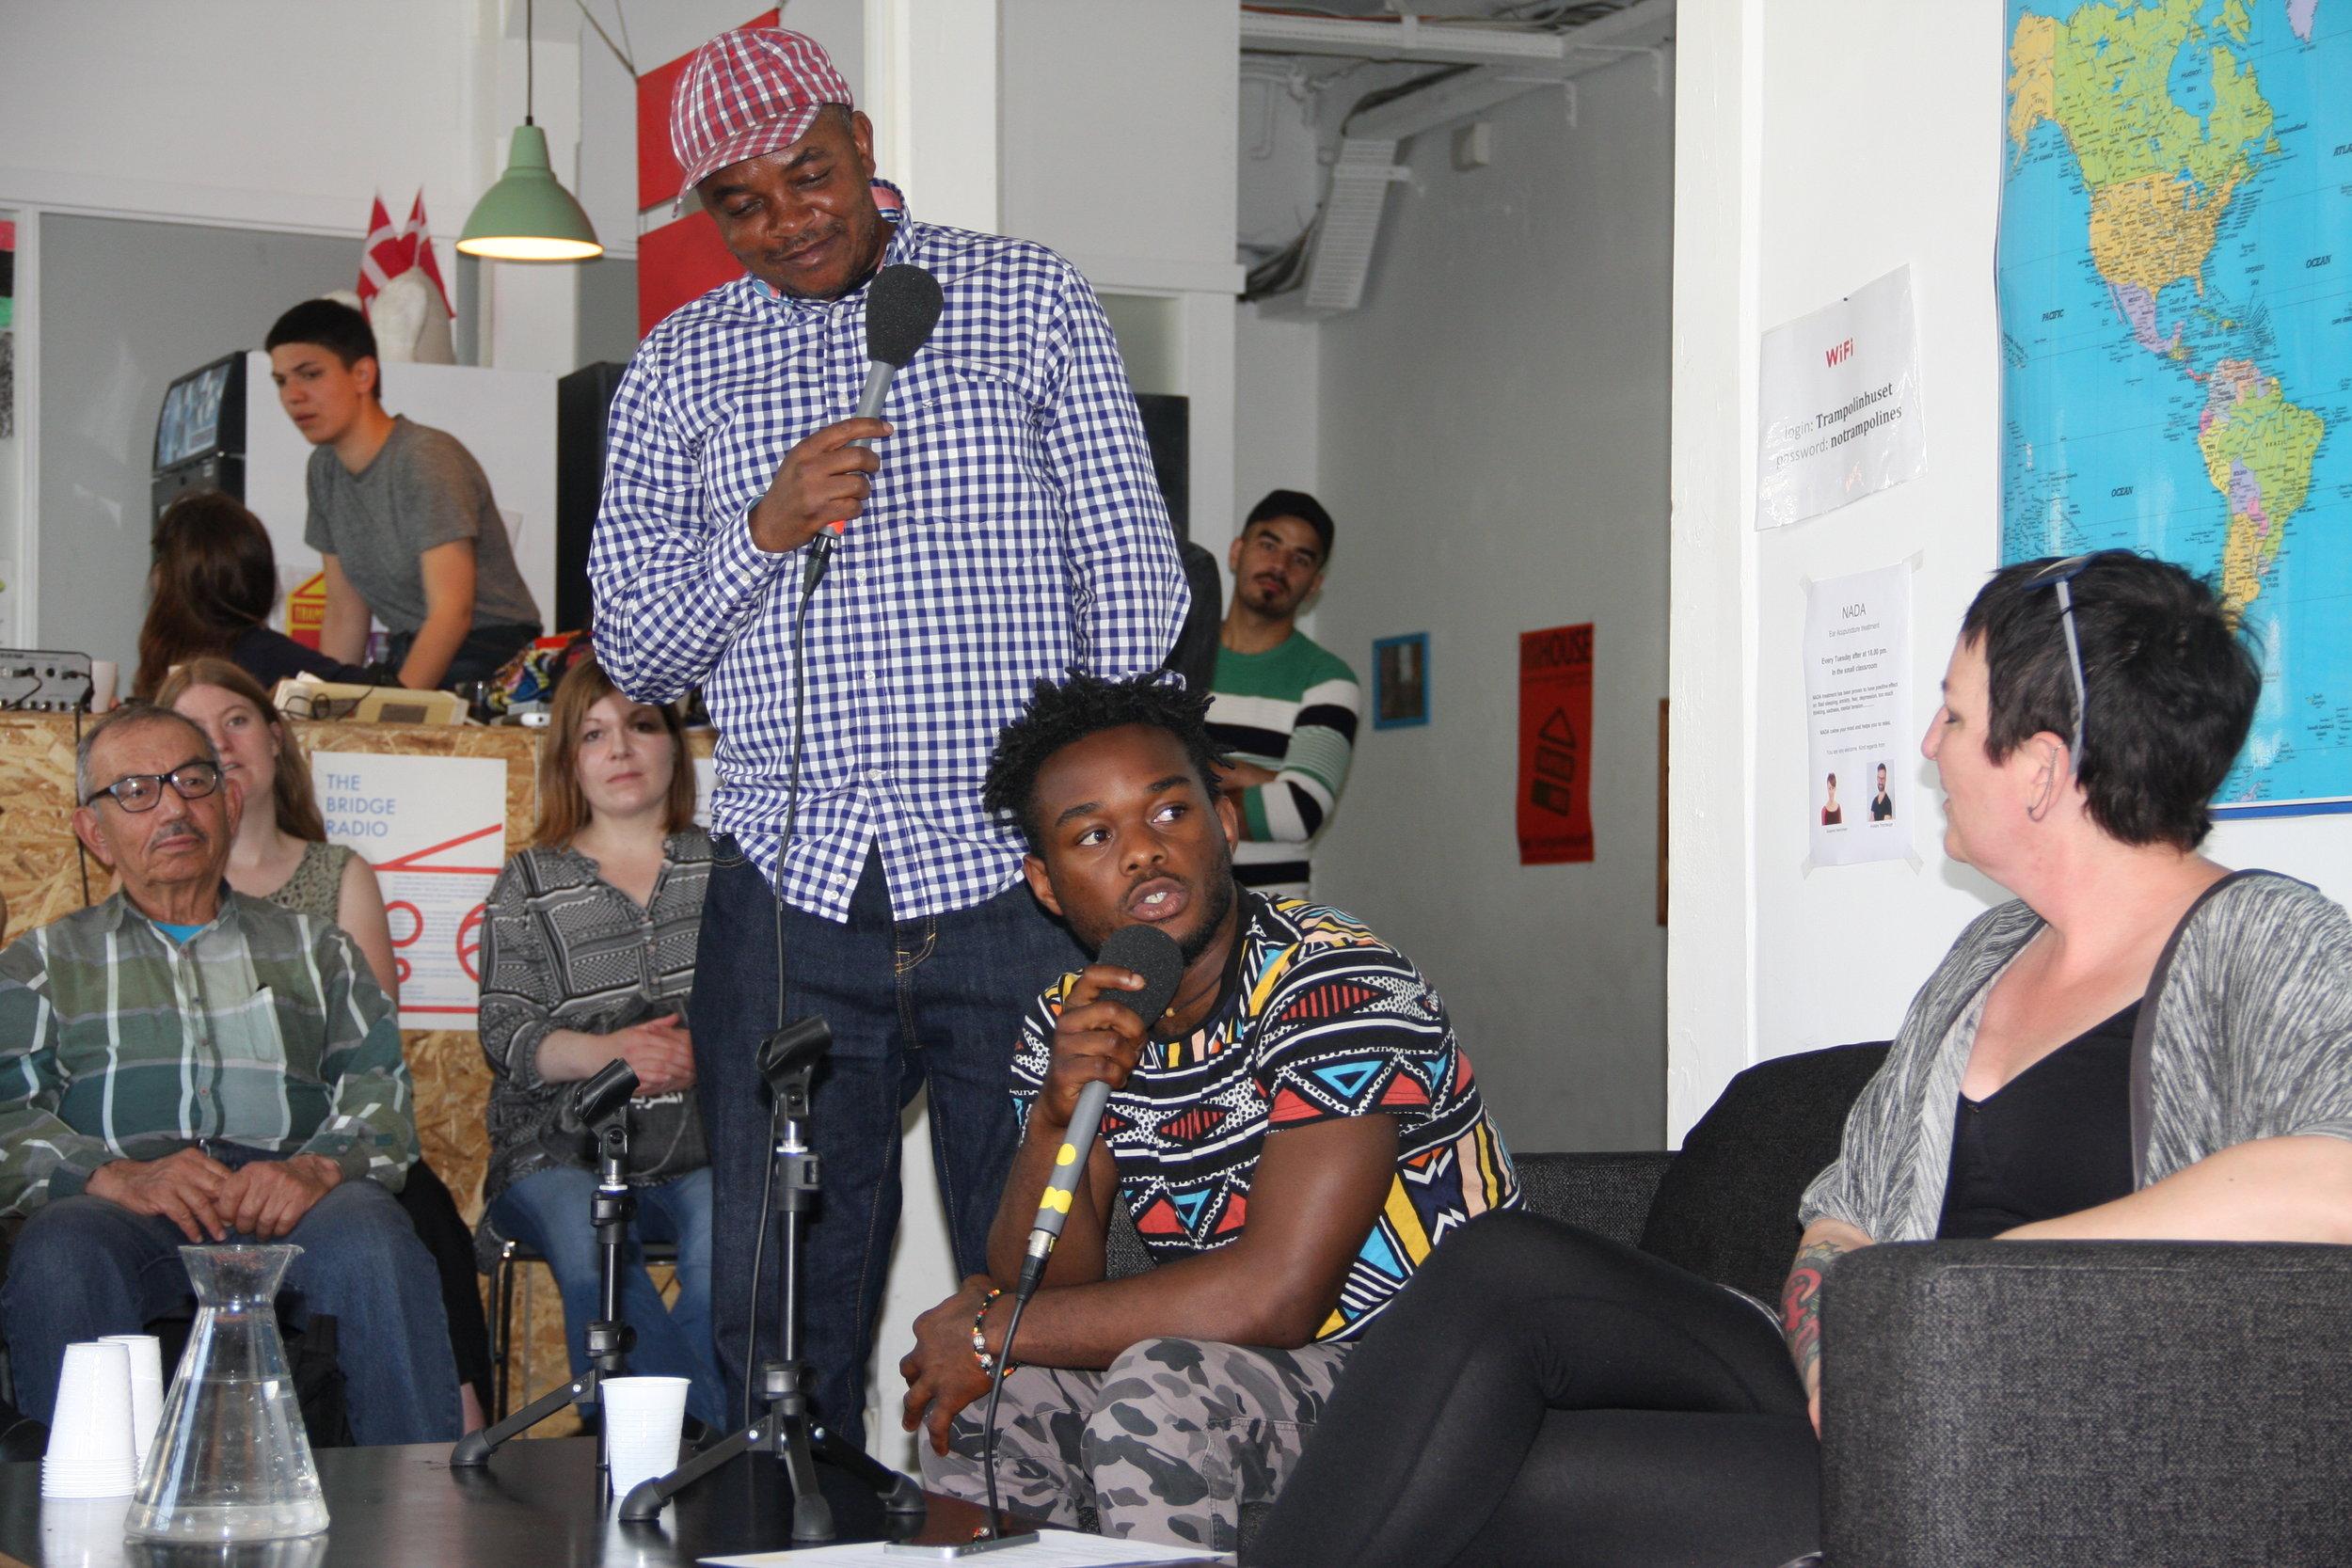 Debate meeting_Testimony by Barly Tshibanda_BMT.JPG